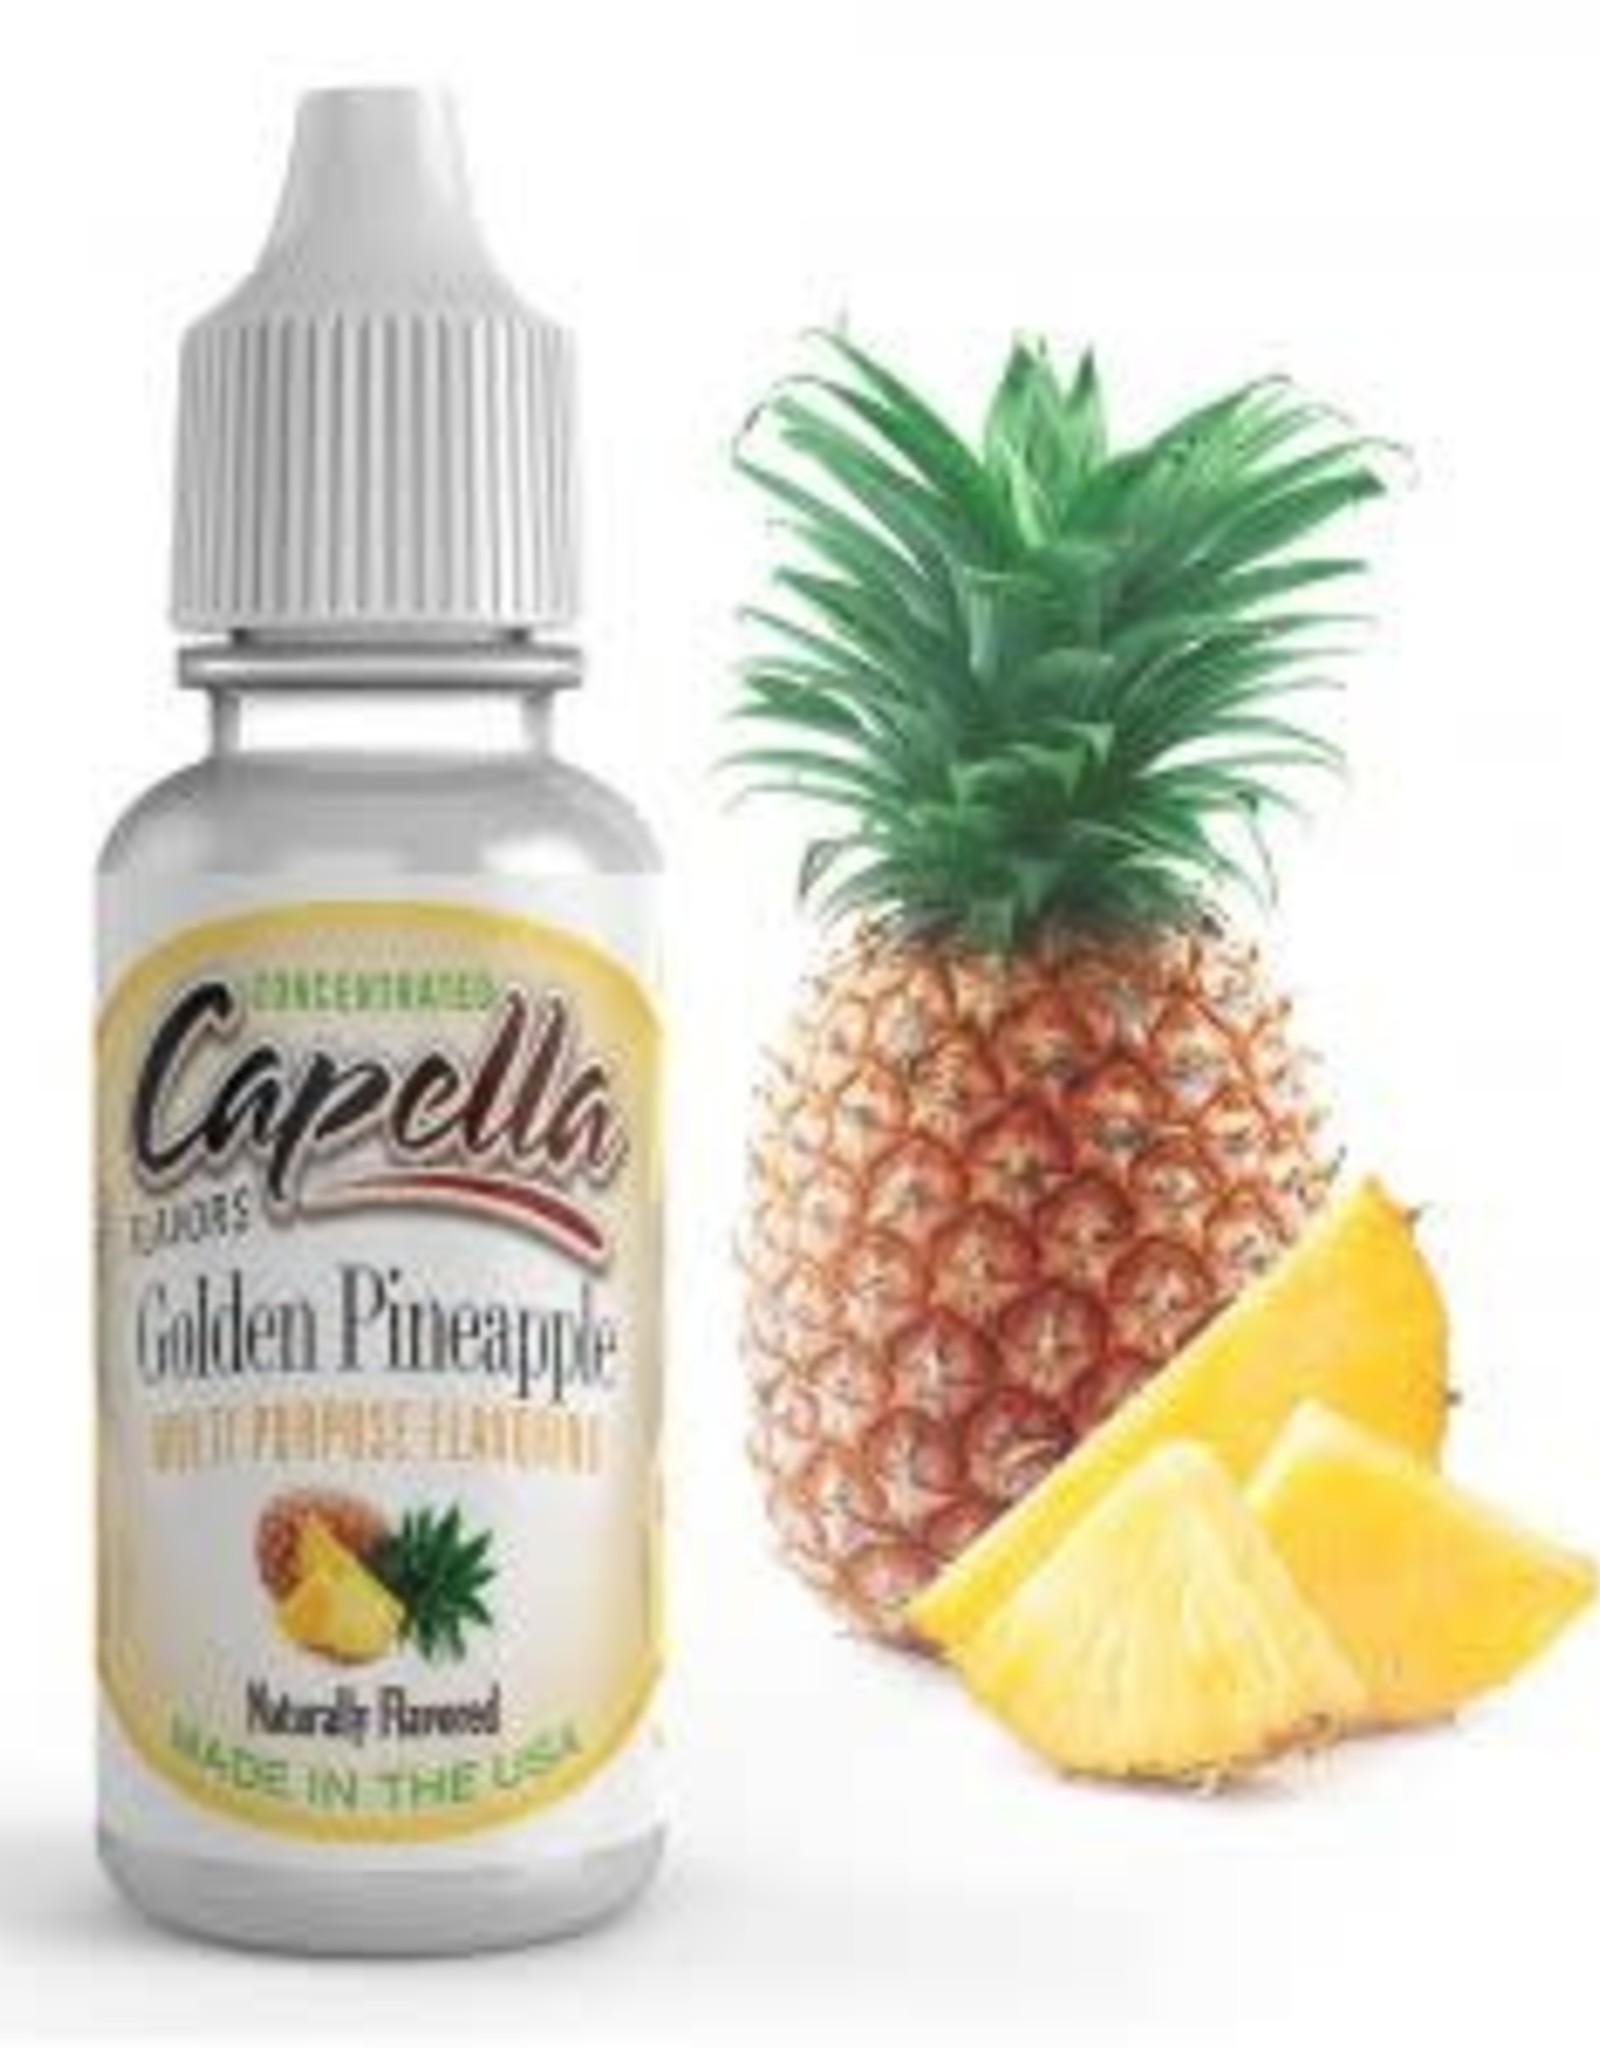 Capella Capella - Golden Pineapple Aroma 13ml